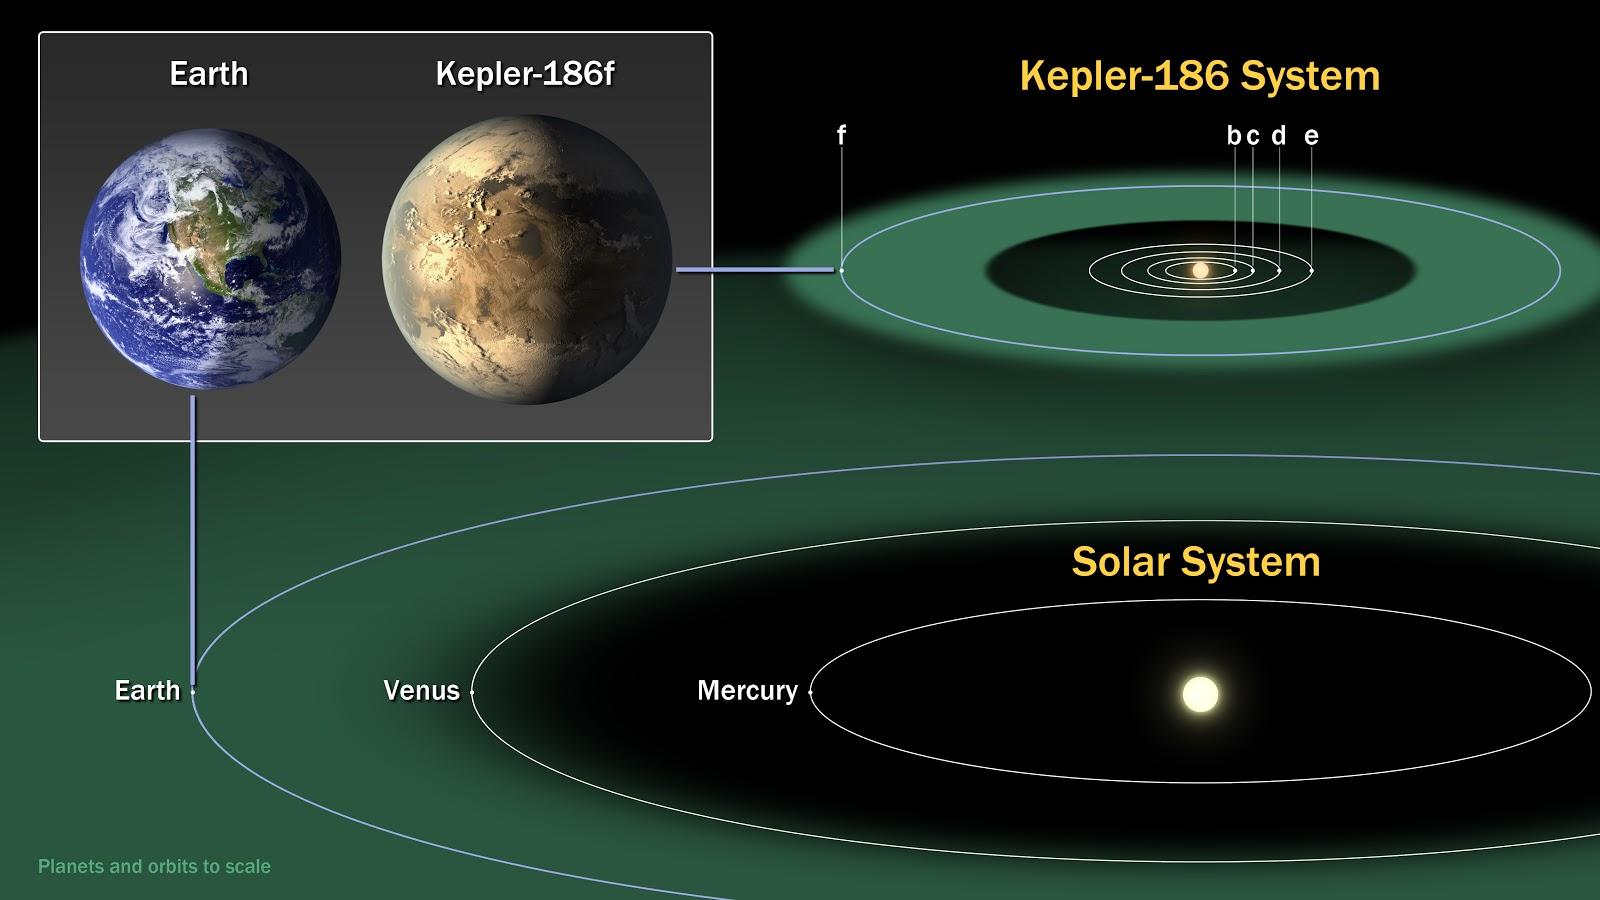 Kepler-186f, scoperto il 1° esopianeta grande come la Terra all'interno della zona abitabile della propria stella, by Kepler!